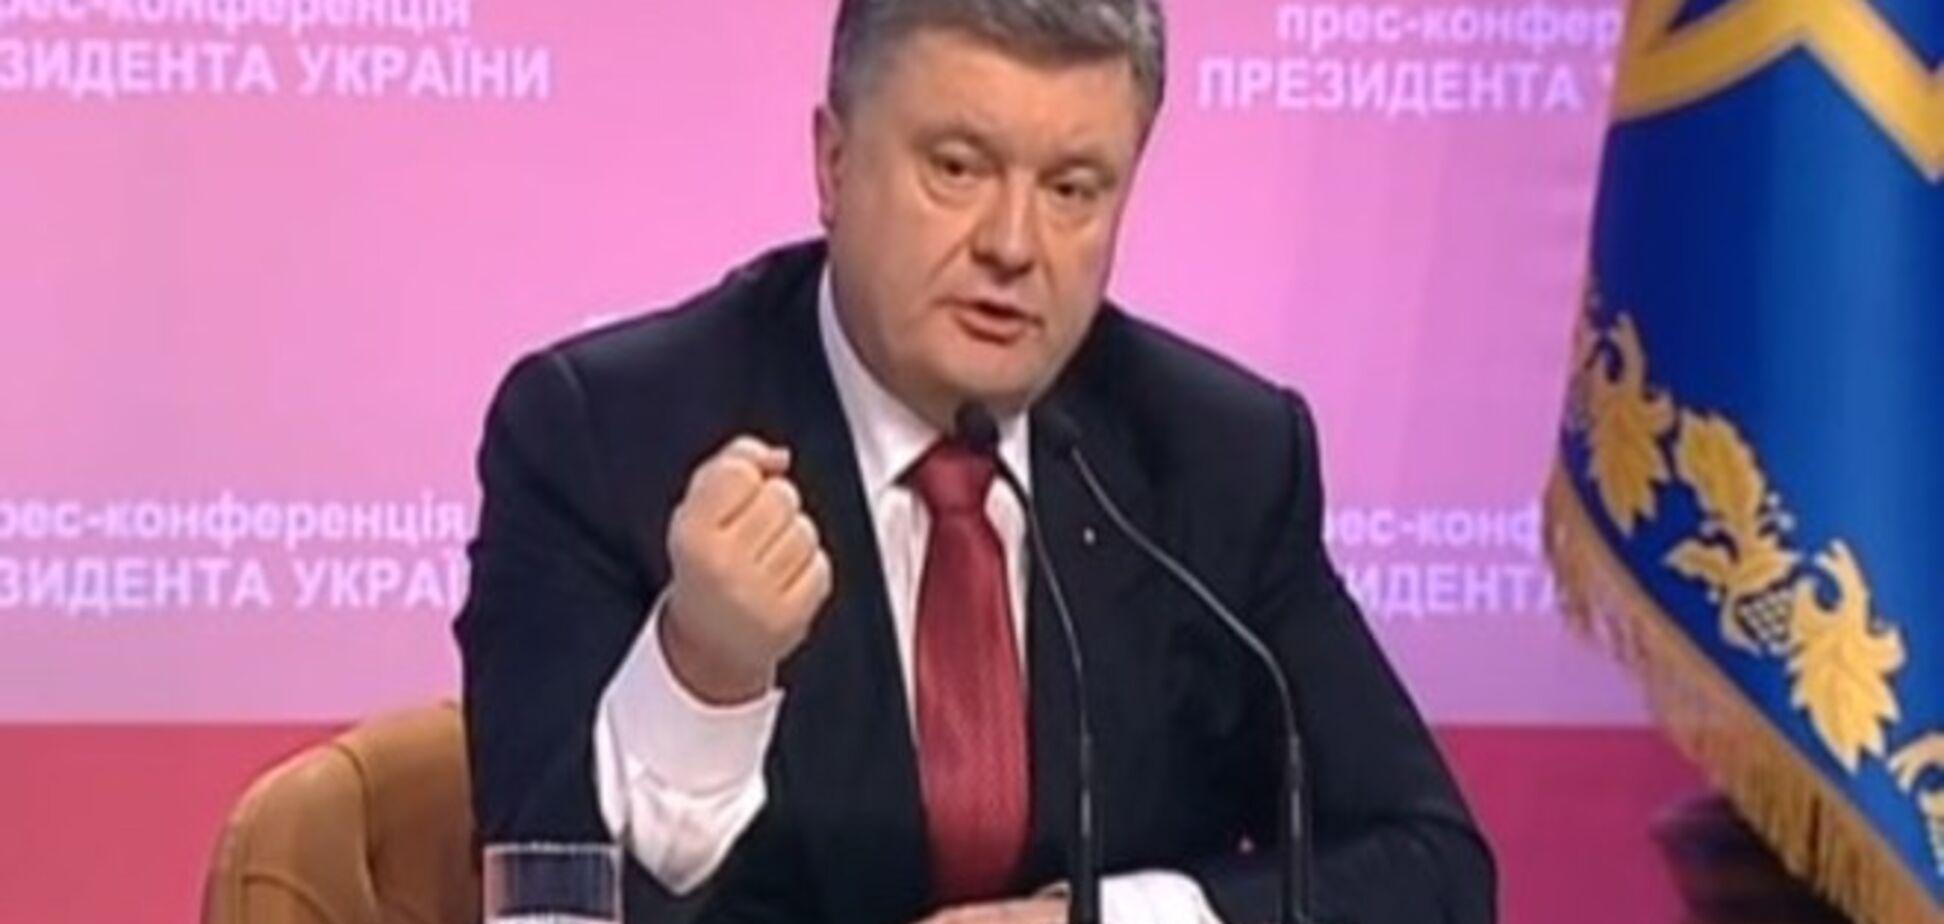 Ні Білорусь, ні Казахстан ніколи не визнавали Крим російським - Порошенко